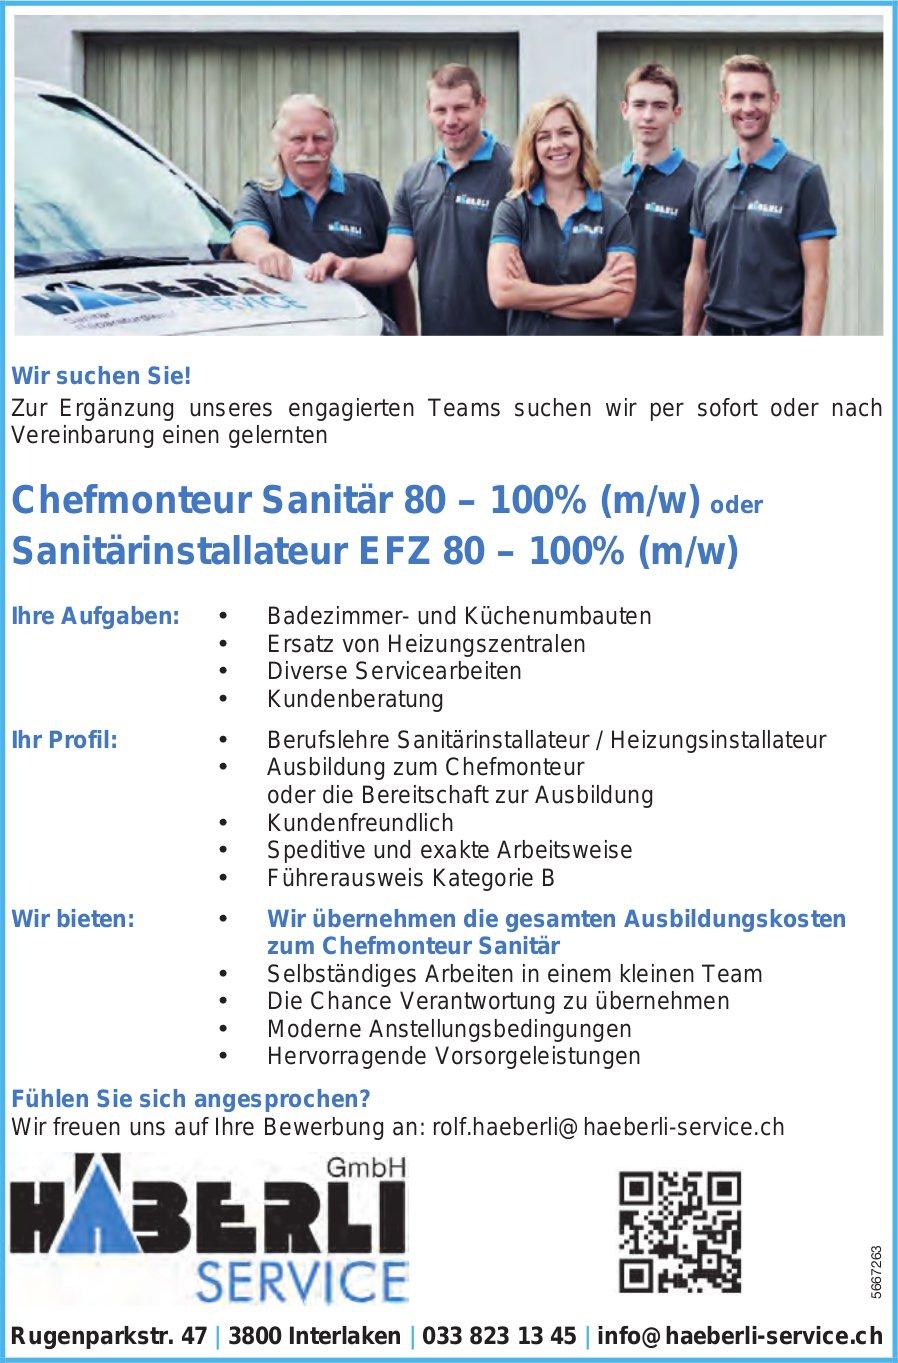 Chefmonteur Sanitär 80–100% (m/w) & Sanitärinstallateur EFZ 80–100% (m/w), Häberli Service GmbH, Interlaken, gesucht